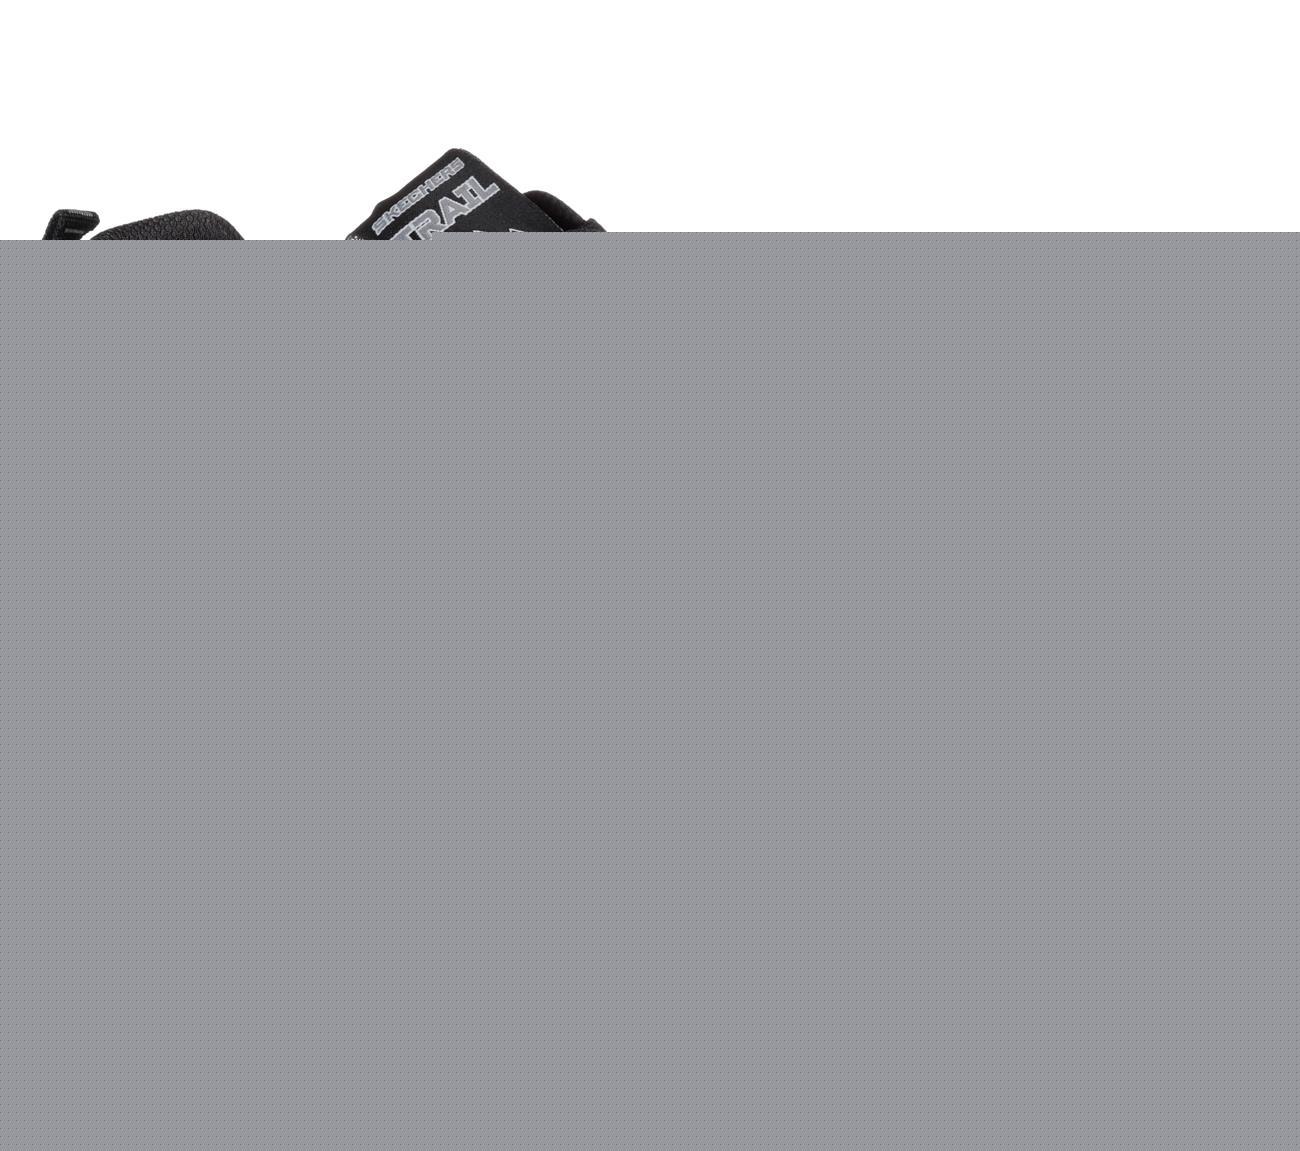 Skechers Escape Plan Erkek Ayakkabısı